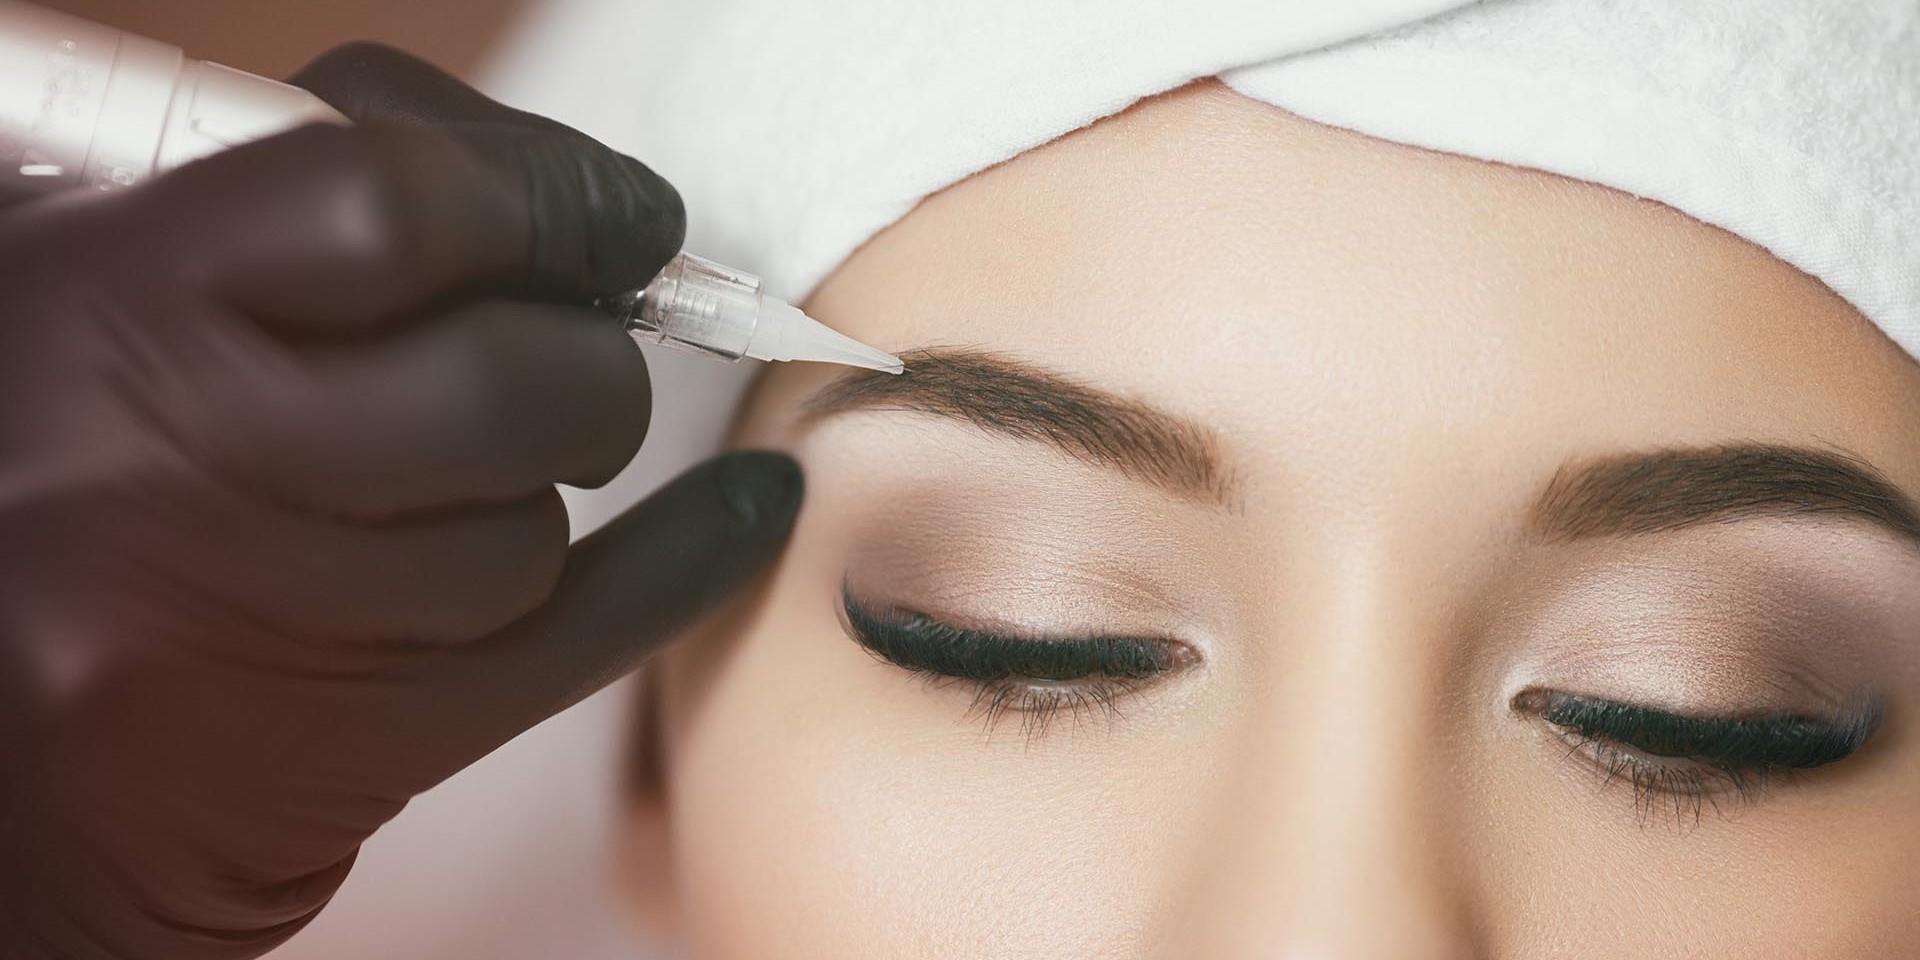 Татуаж напыление бровей: как проводится и как ухаживать за бровями после процедуры